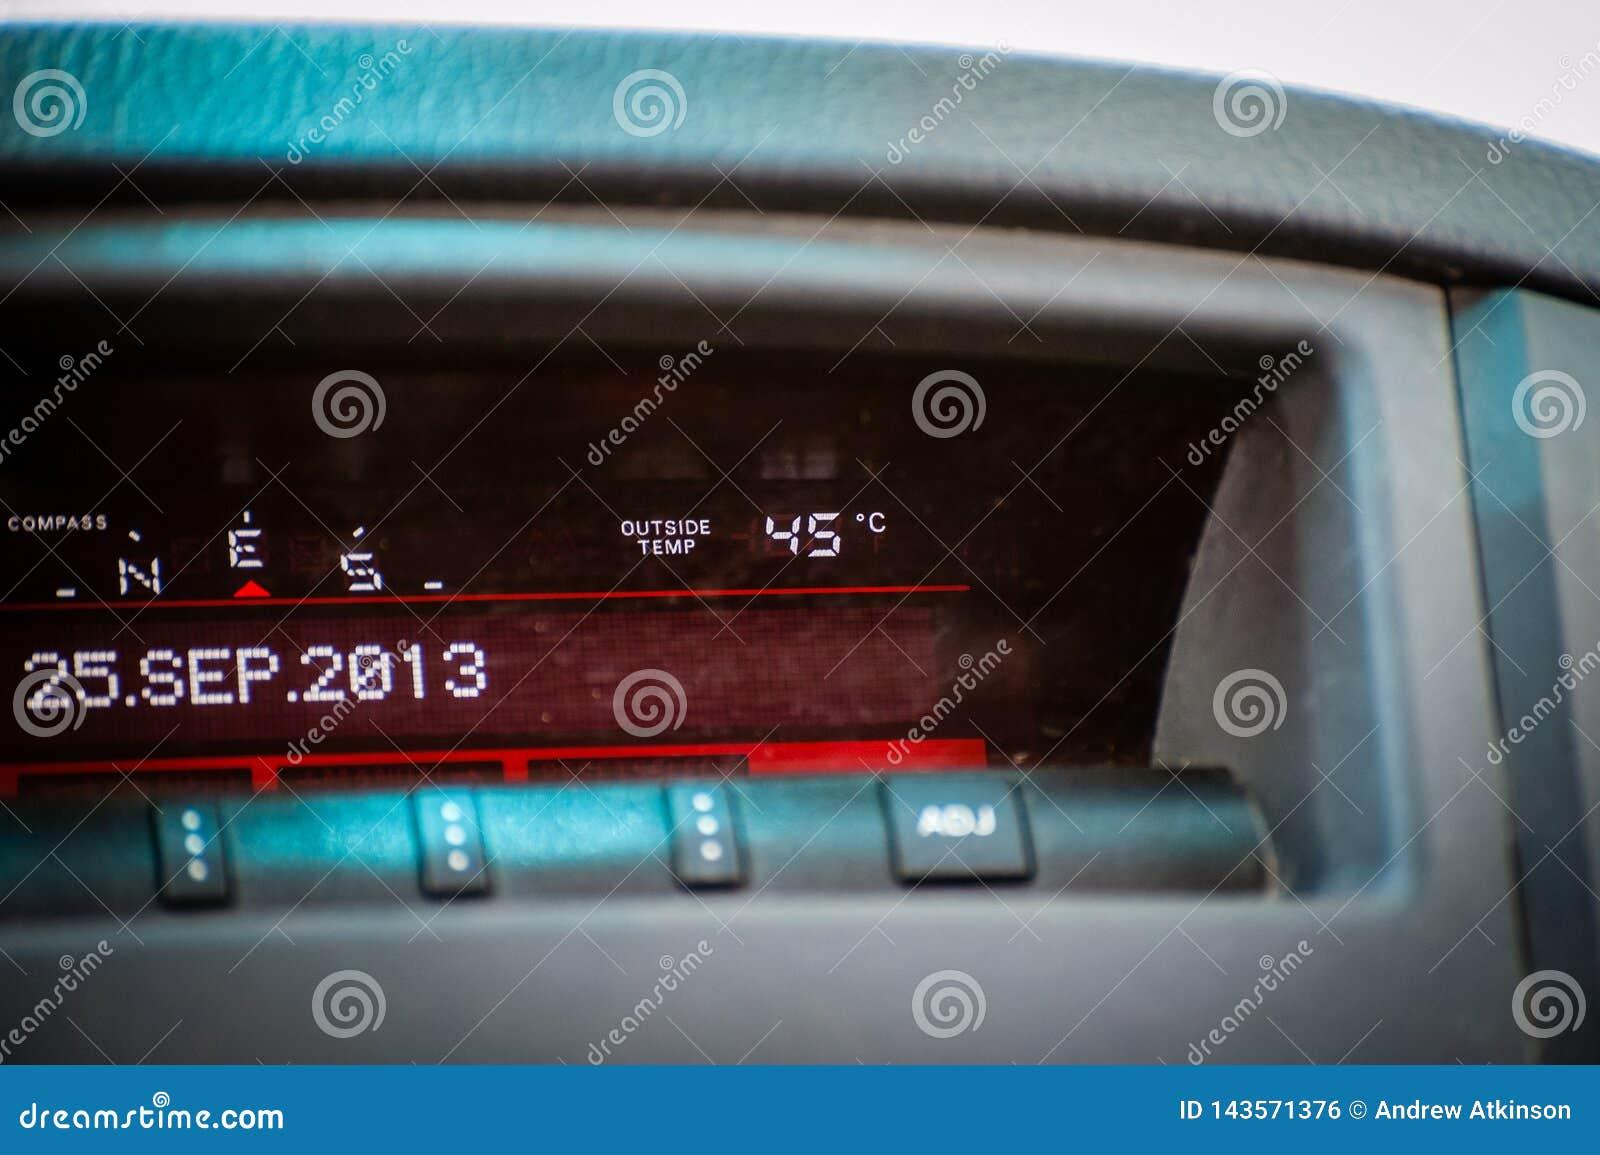 Μετρητής θερμοκρασίας στο αυτοκίνητο που διαβάζει καυτούς 45 βαθμούς Κέλσιος